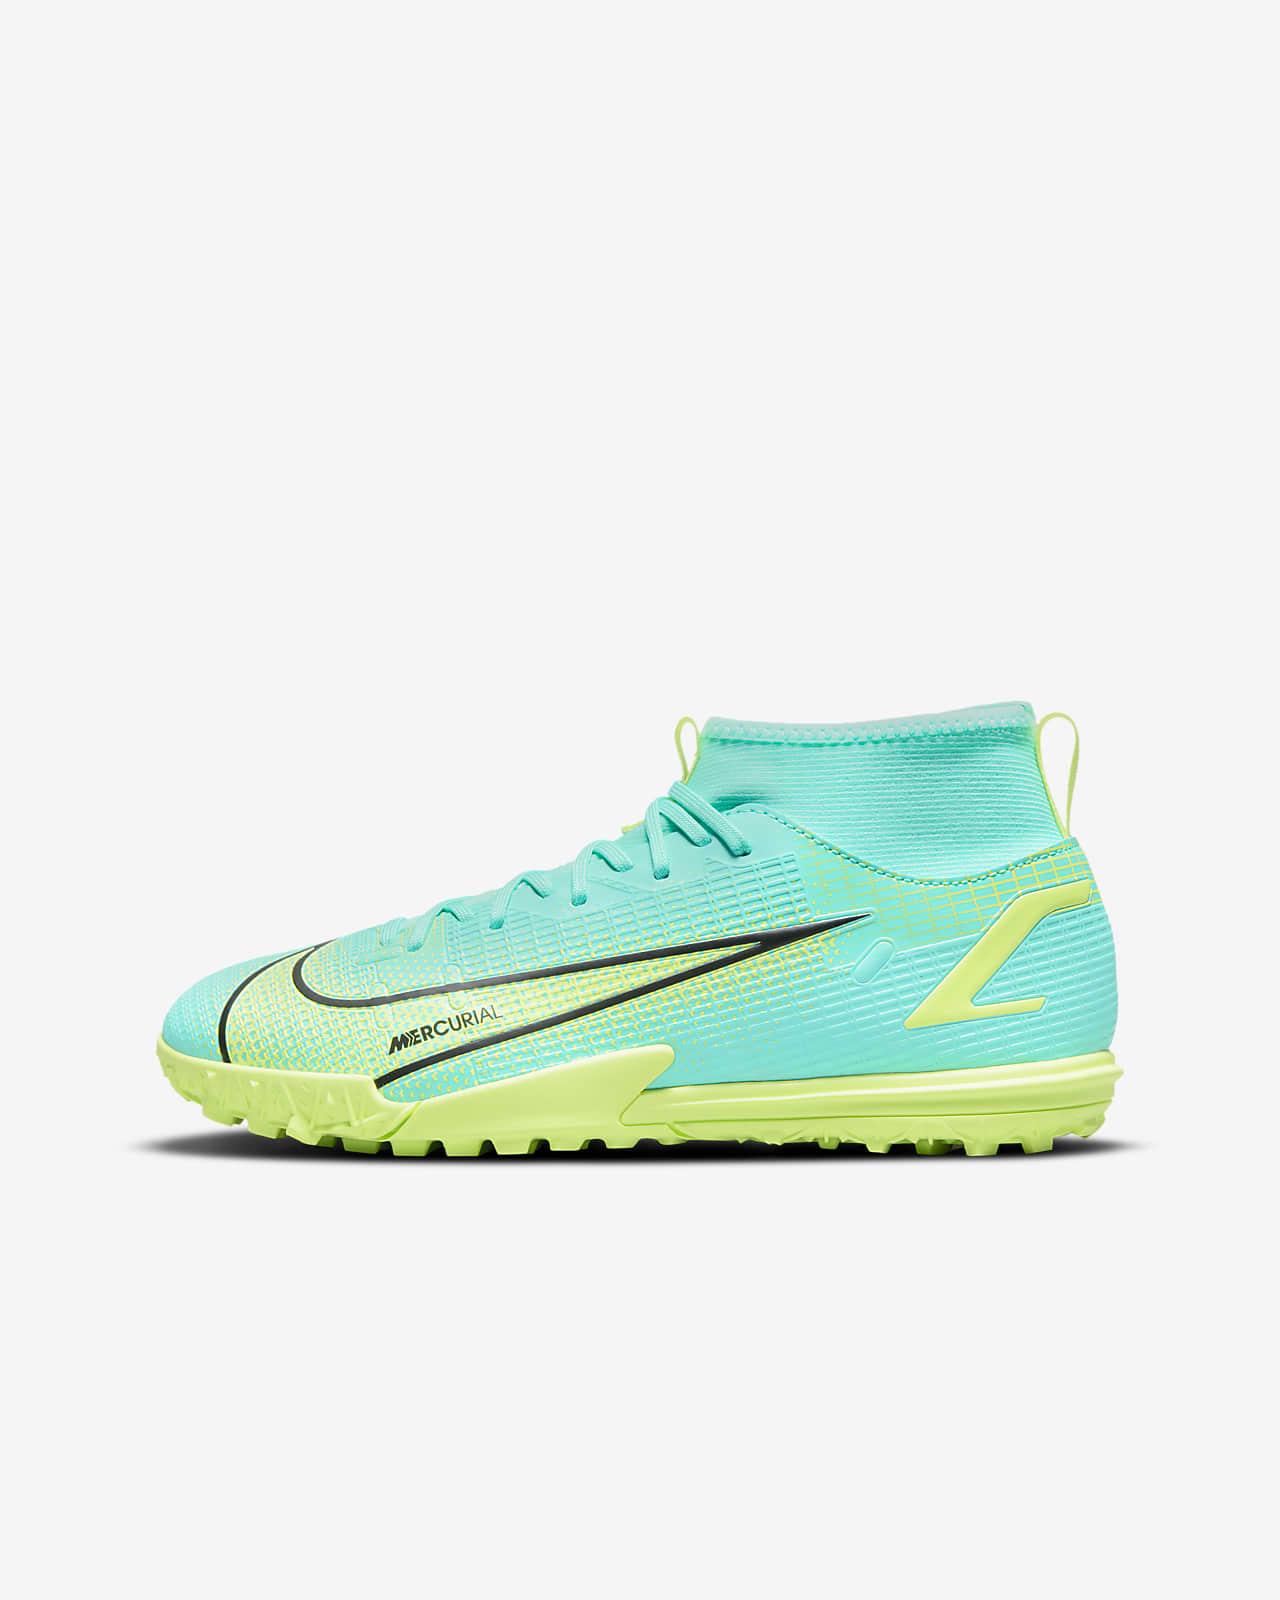 Calzado de fútbol para pasto artificial (turf) para niños talla pequeña/grande Nike Jr. Mercurial Superfly 8 Academy TF